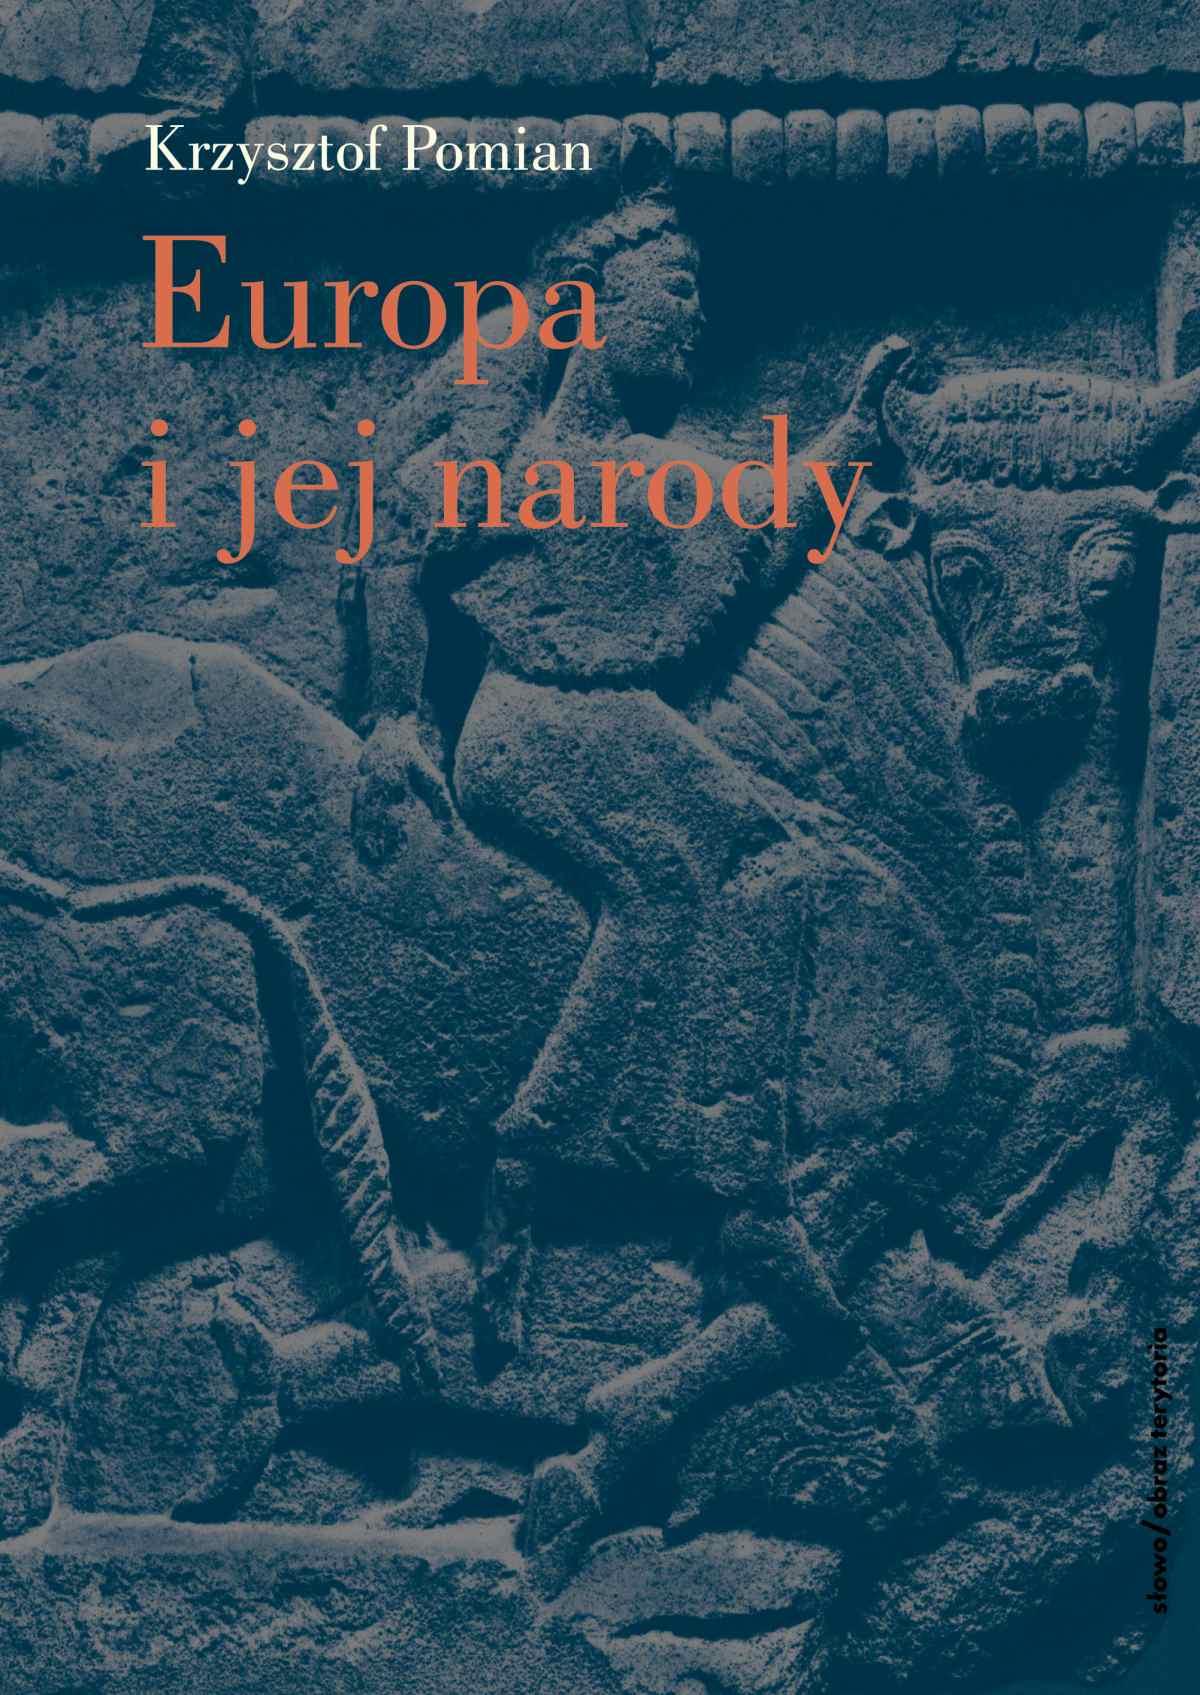 Europa i jej narody - Ebook (Książka EPUB) do pobrania w formacie EPUB